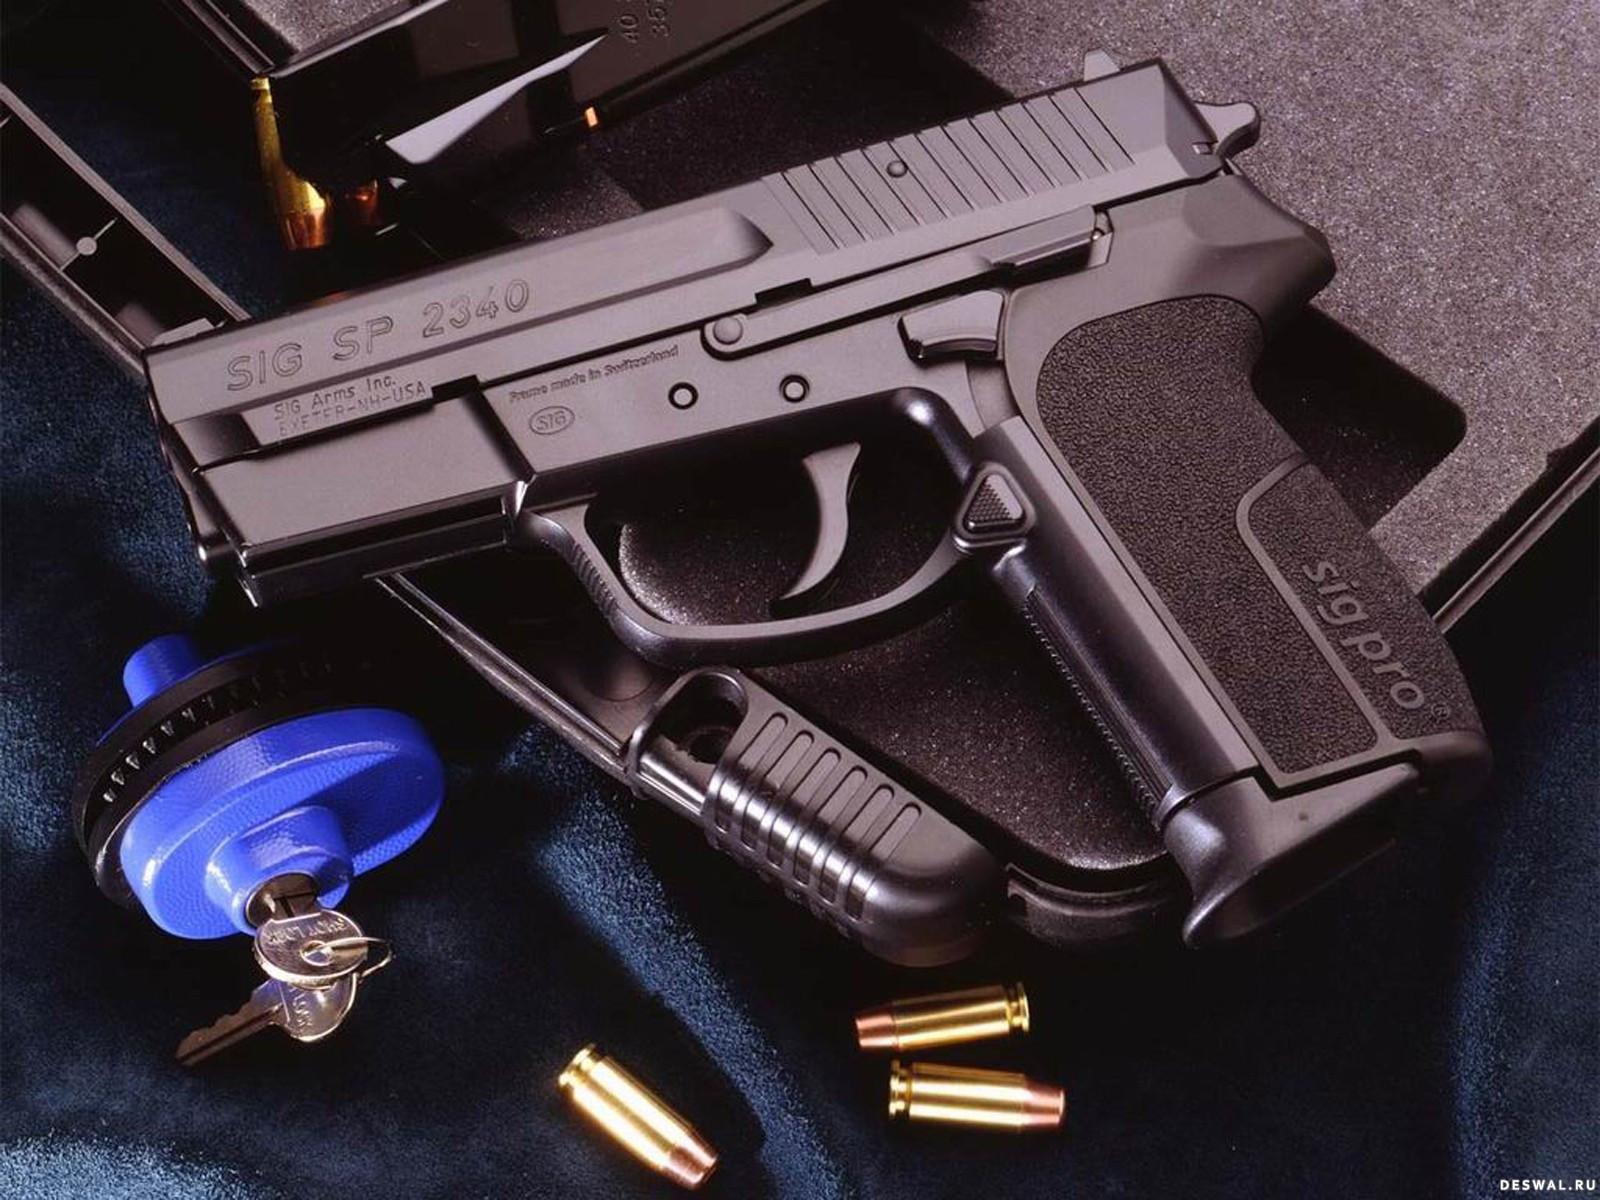 Фото 28. Нажмите на картинку с обоями оружия, чтобы просмотреть ее в реальном размере